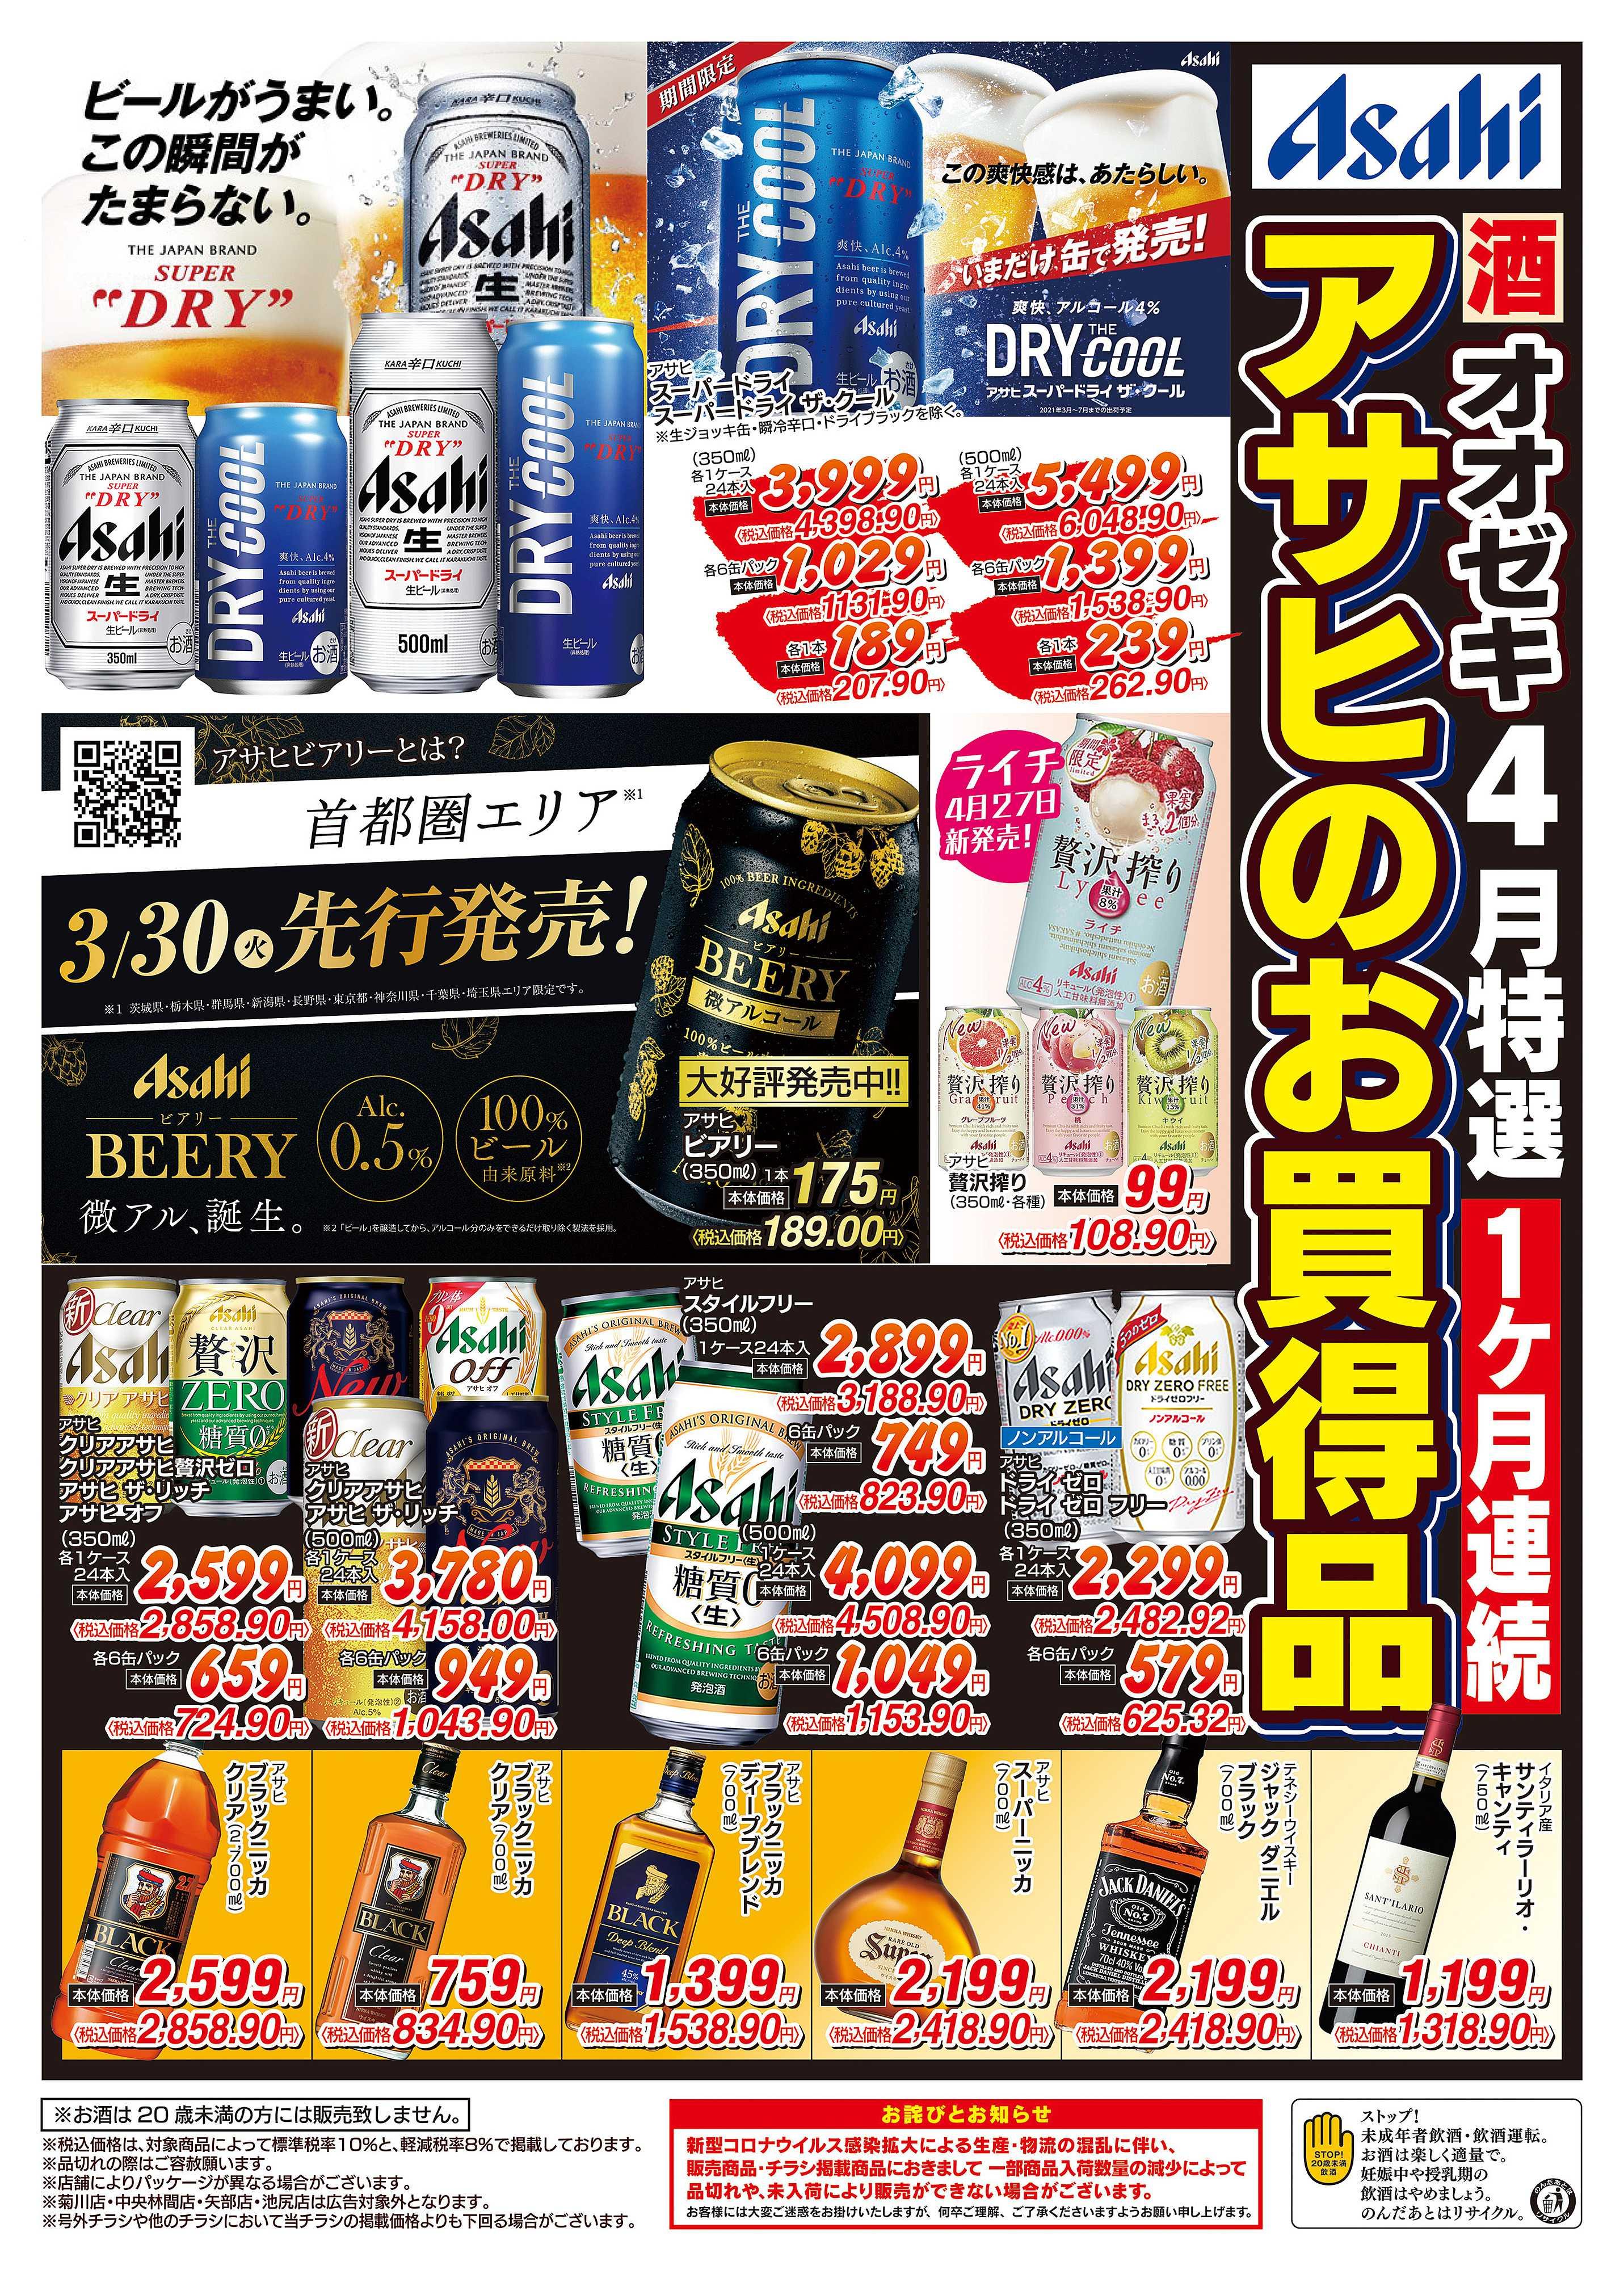 オオゼキ 4月特選 1ヶ月連続 酒 アサヒのお買得品